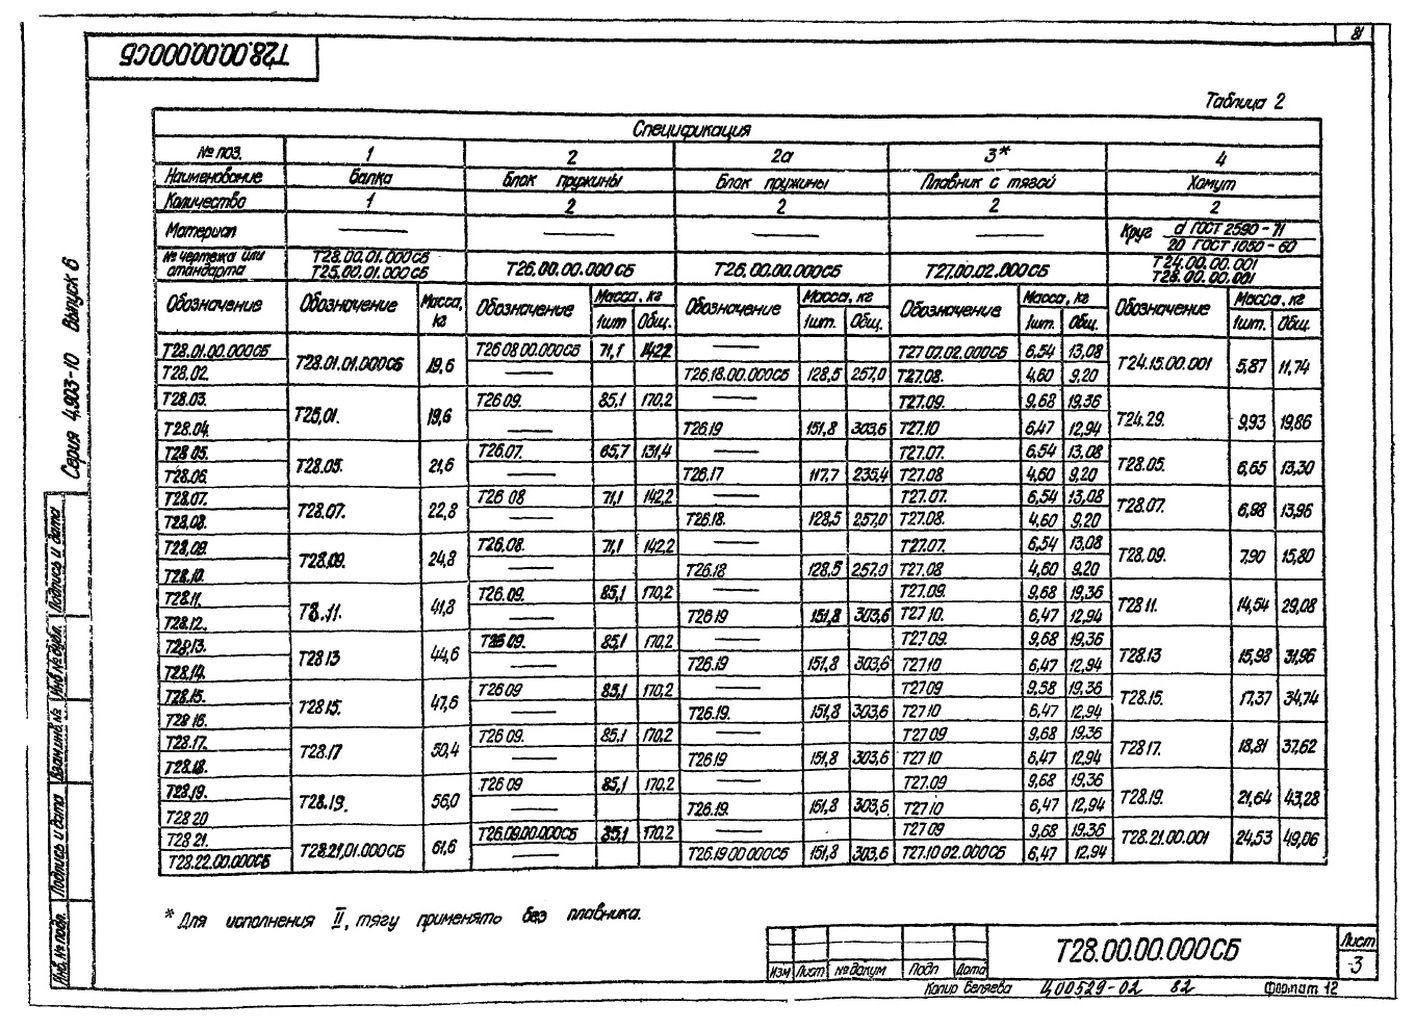 Опоры подвесные пружинные Т28 с.4.903-10 вып.6 стр.3